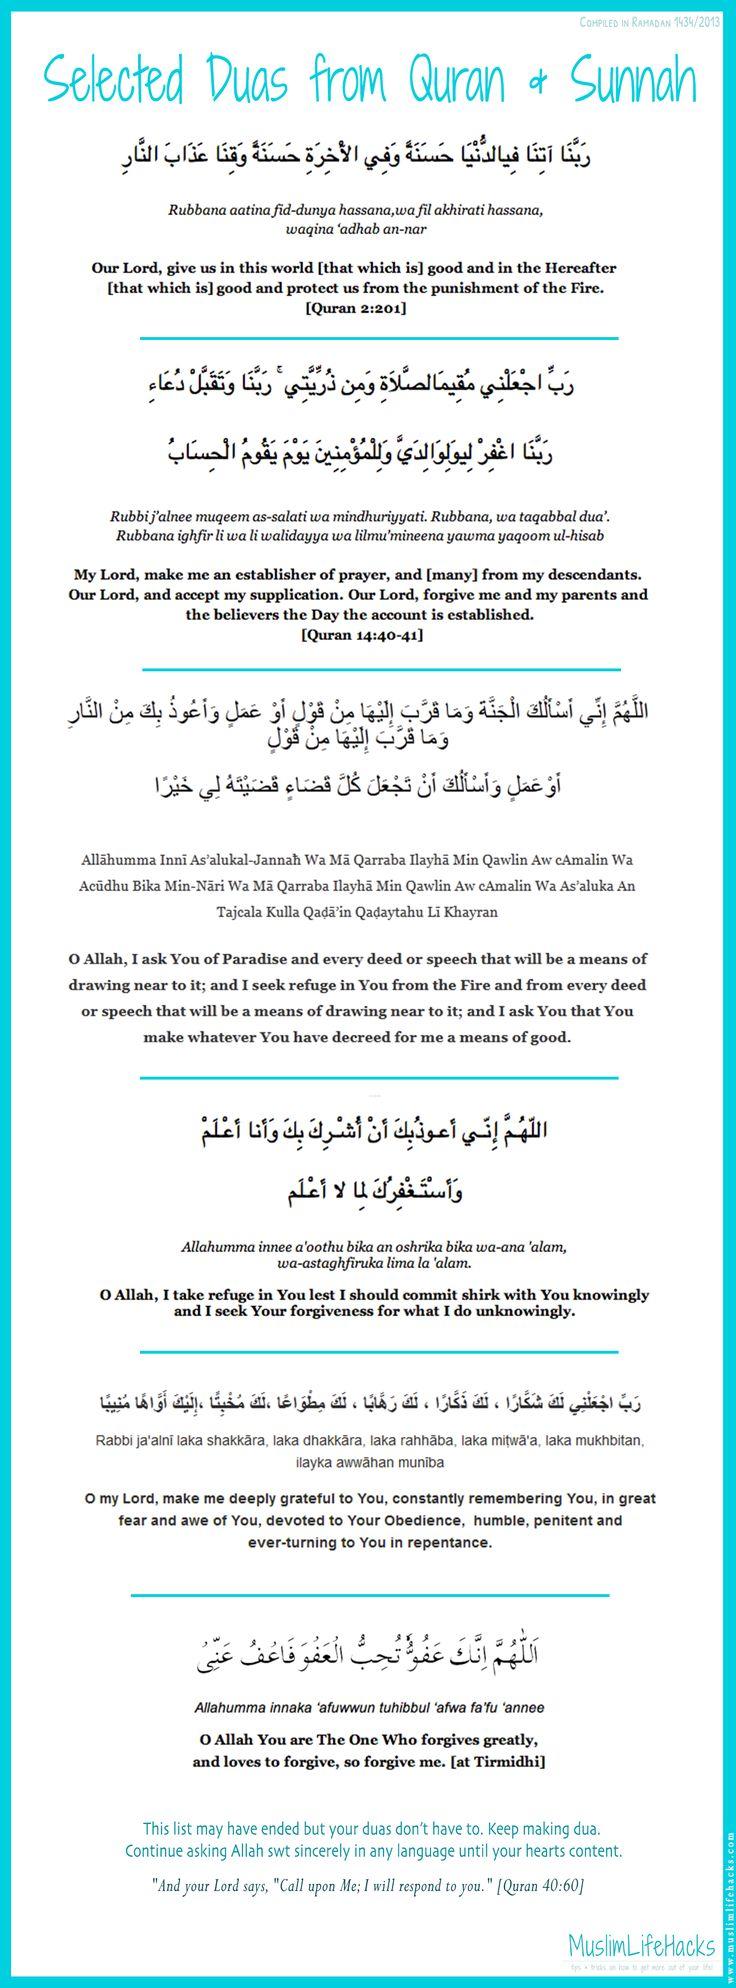 Selected dua's from Quran + Sunnah